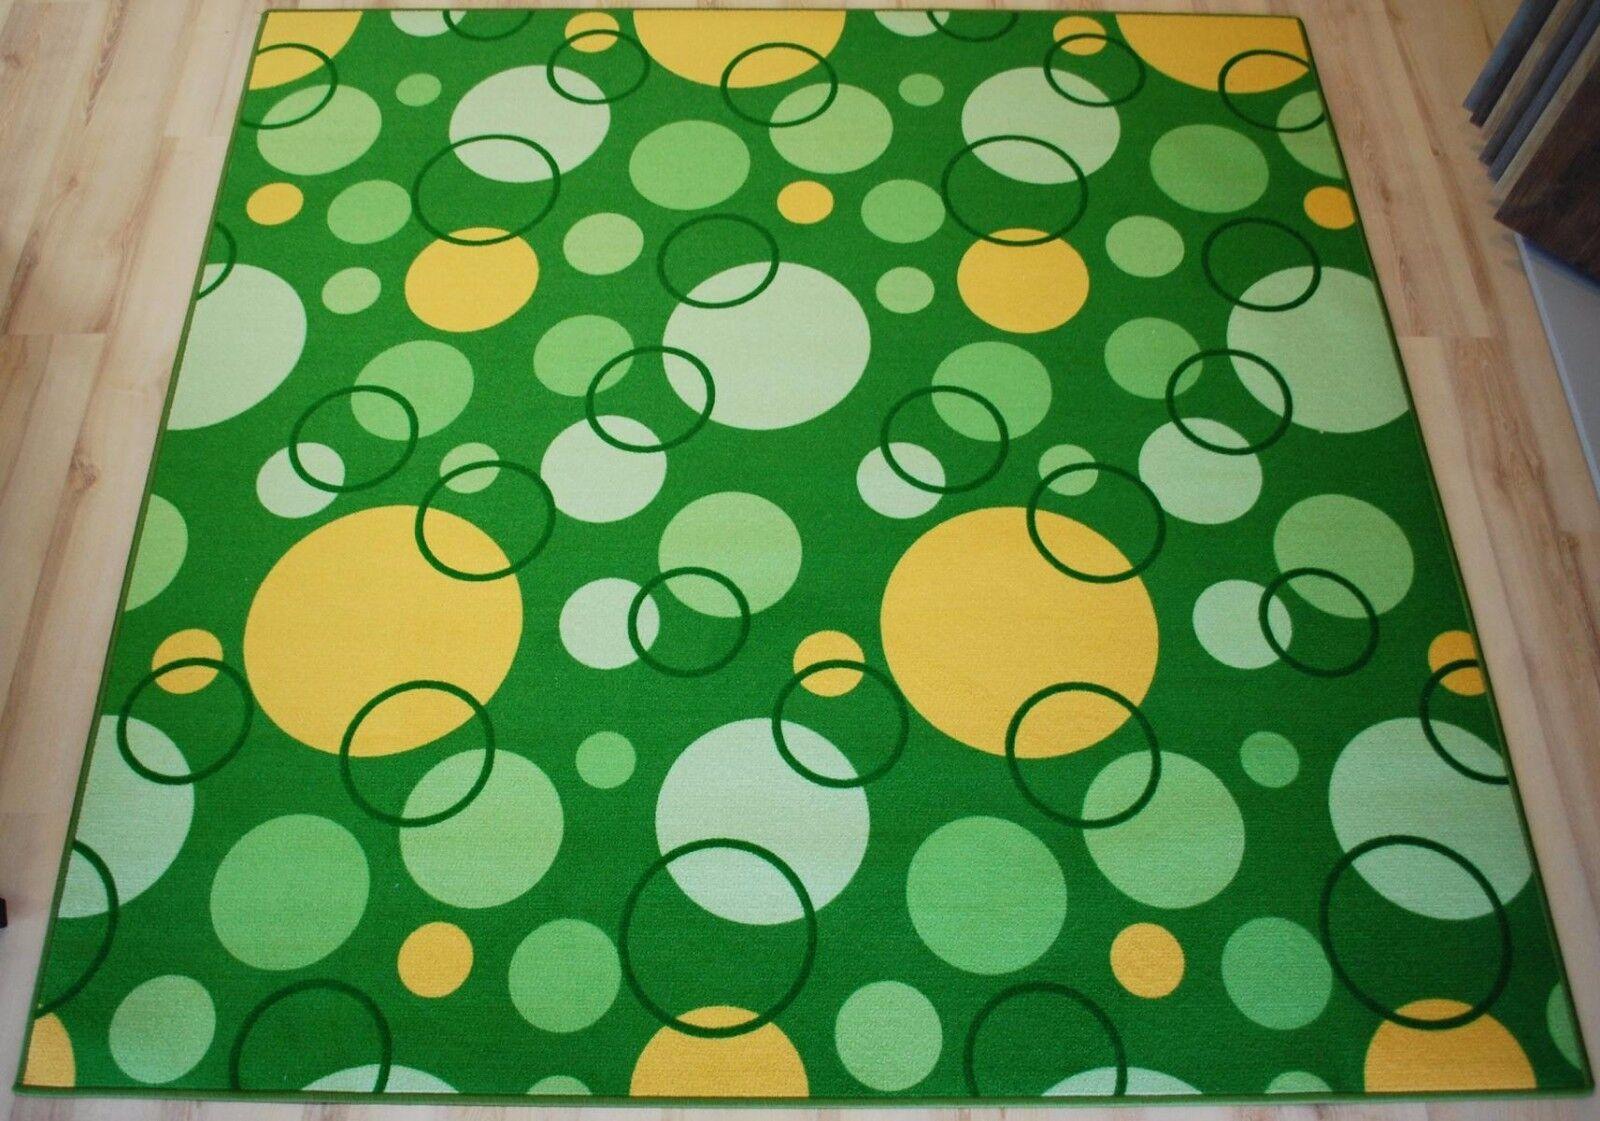 Enfants Tapis Jeu Tapis Circle vert 200x490cm cercles jaune